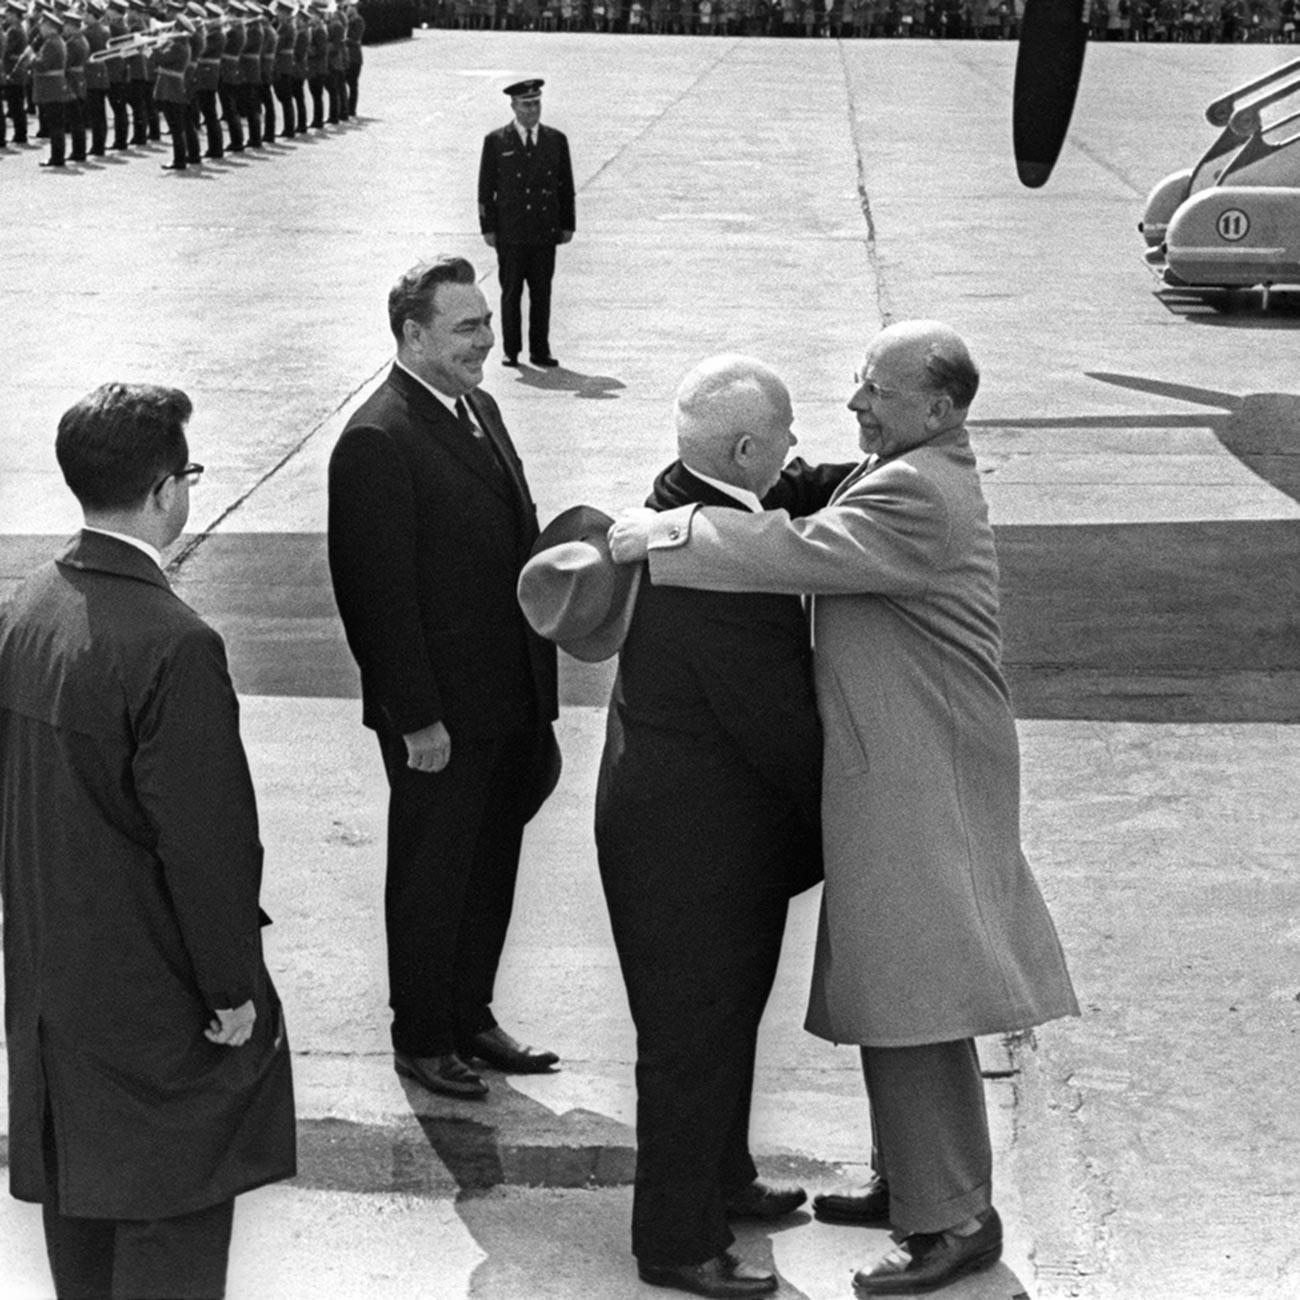 Un autre grand ami communiste méritant des câlins était Walter Ulbricht, le dirigeant de l'Allemagne de l'Est (enfin, son successeur, Erich Honecker, a également obtenu un baiser légendaire de Leonid Brejnev qui a été immortalisé sur le mur de Berlin).